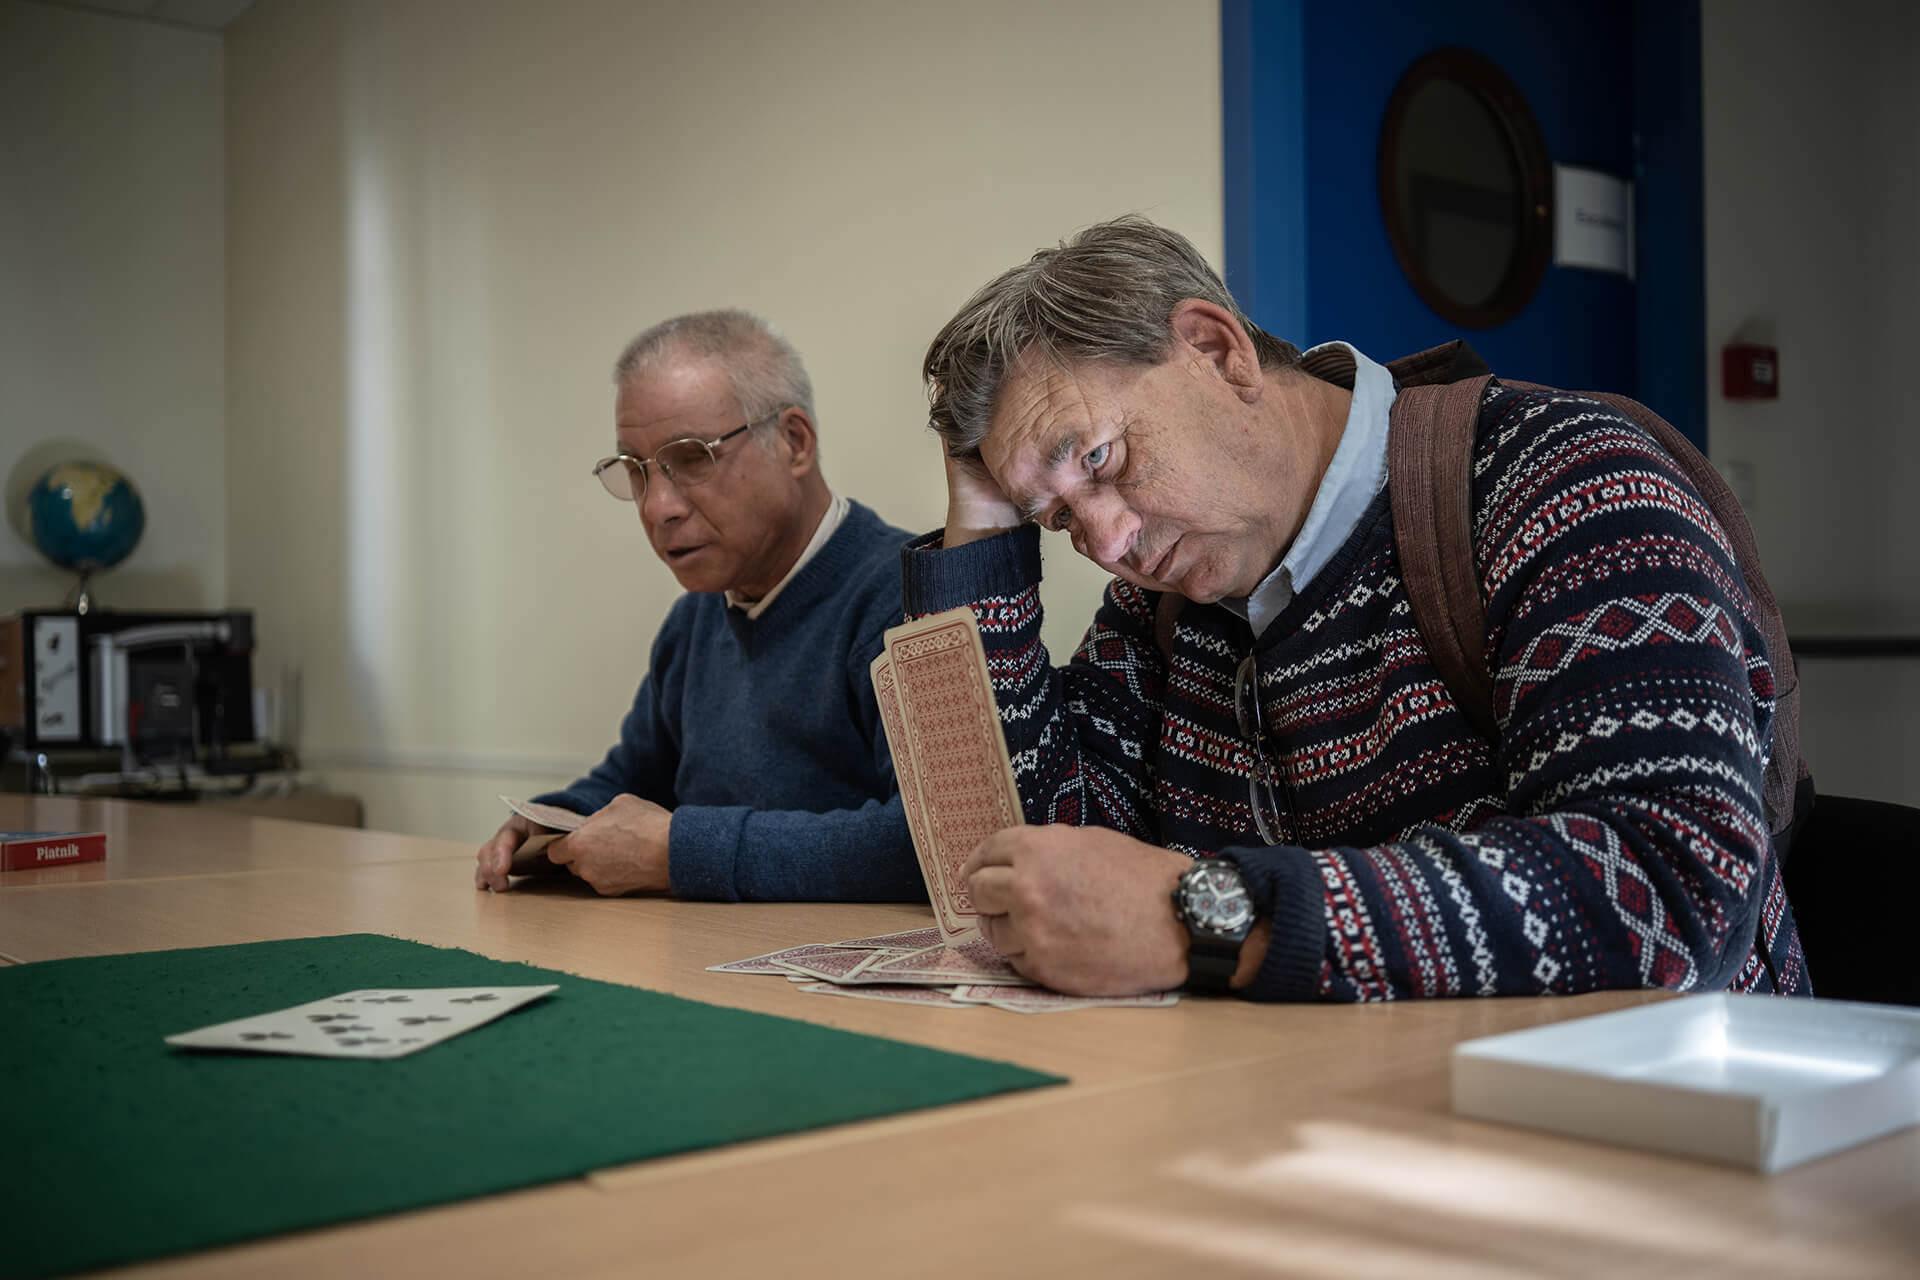 Dans une salle de l'association Valentin Haüy, à Lyon, Jean-Marie, non-voyant, assis à gauche sur la photo, joue à la belote avec Patrick, à droite. Tous deux tiennent des cartes en main. Un tapis de jeu vert leur fait face sur la table. Patrick, coude posé, se tient la tête.